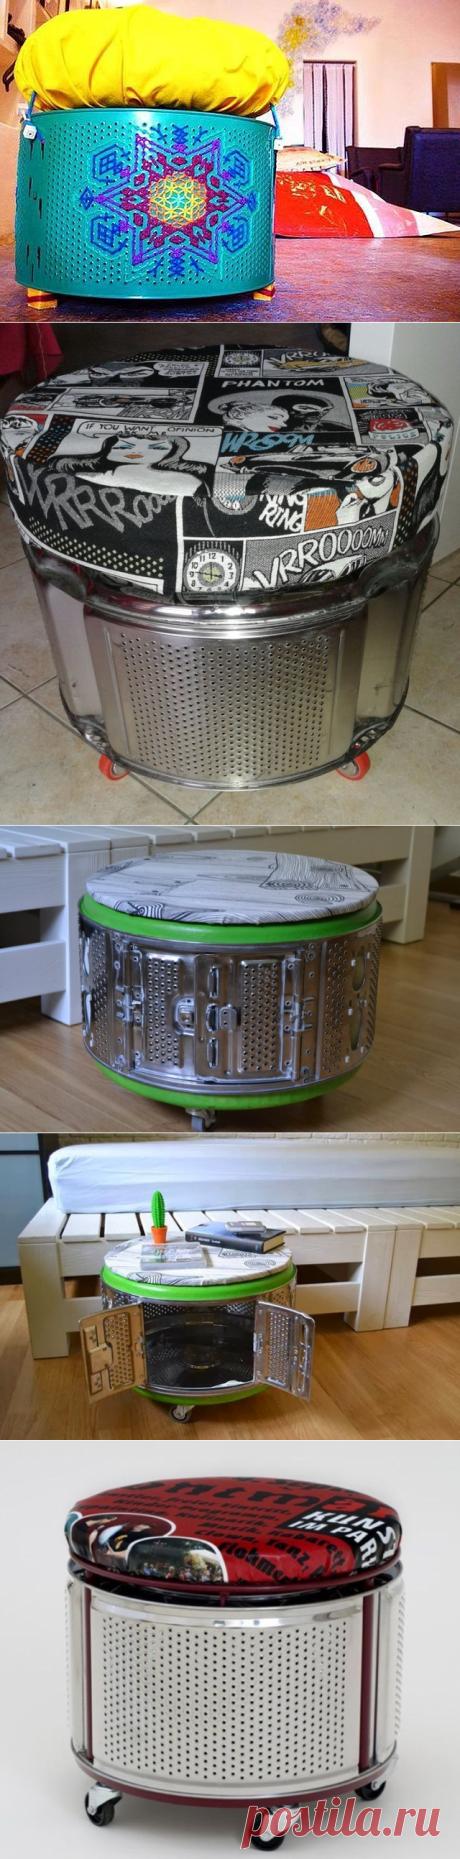 Применение барабана от старой стиральной машины